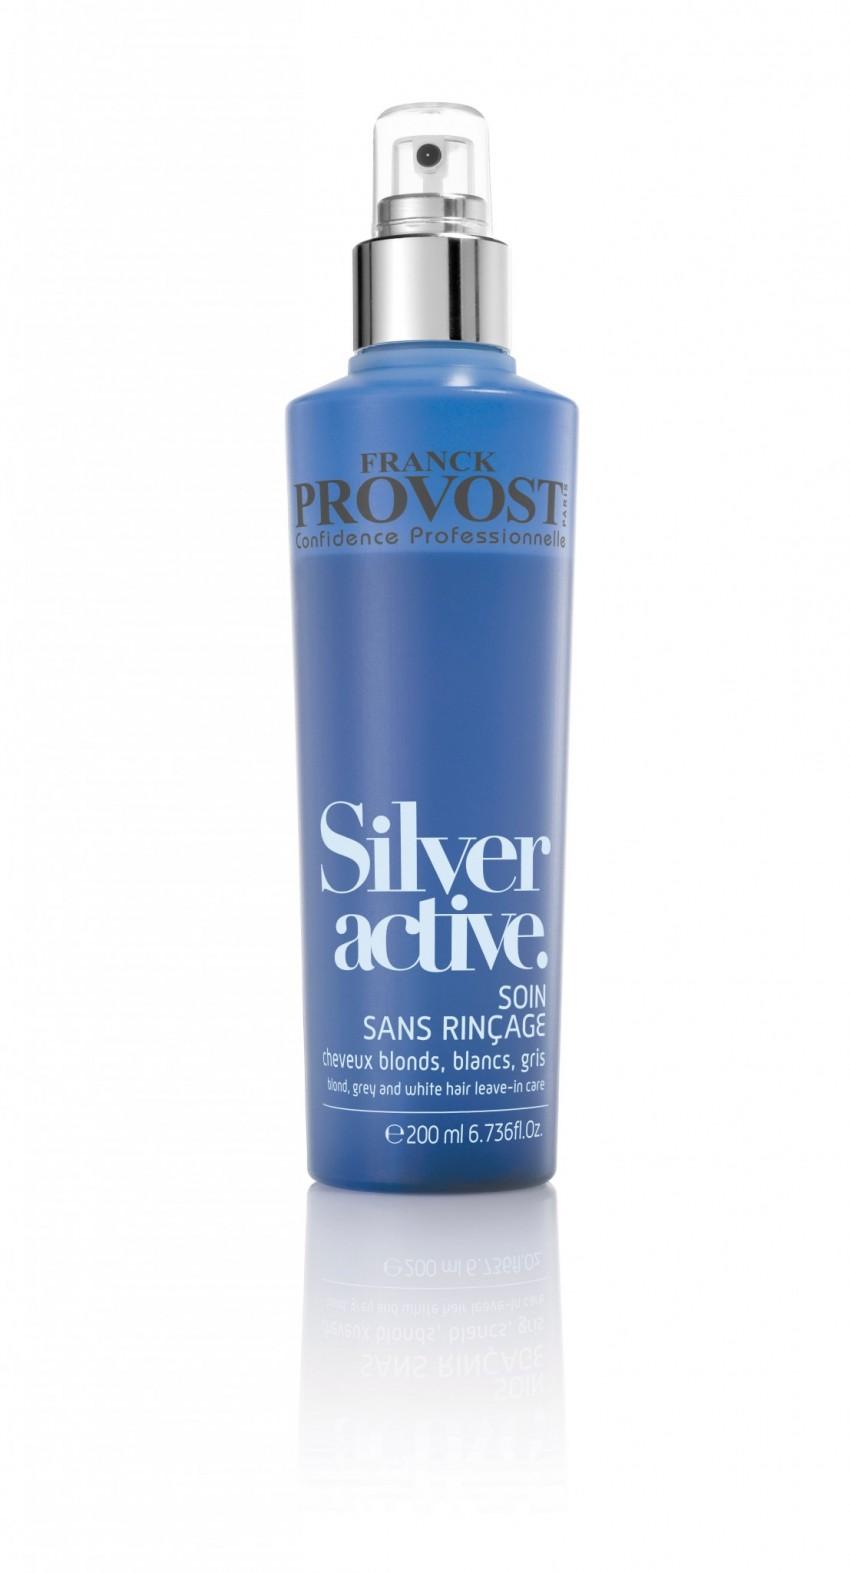 Silver Active Soin SansRincage - 19,50€